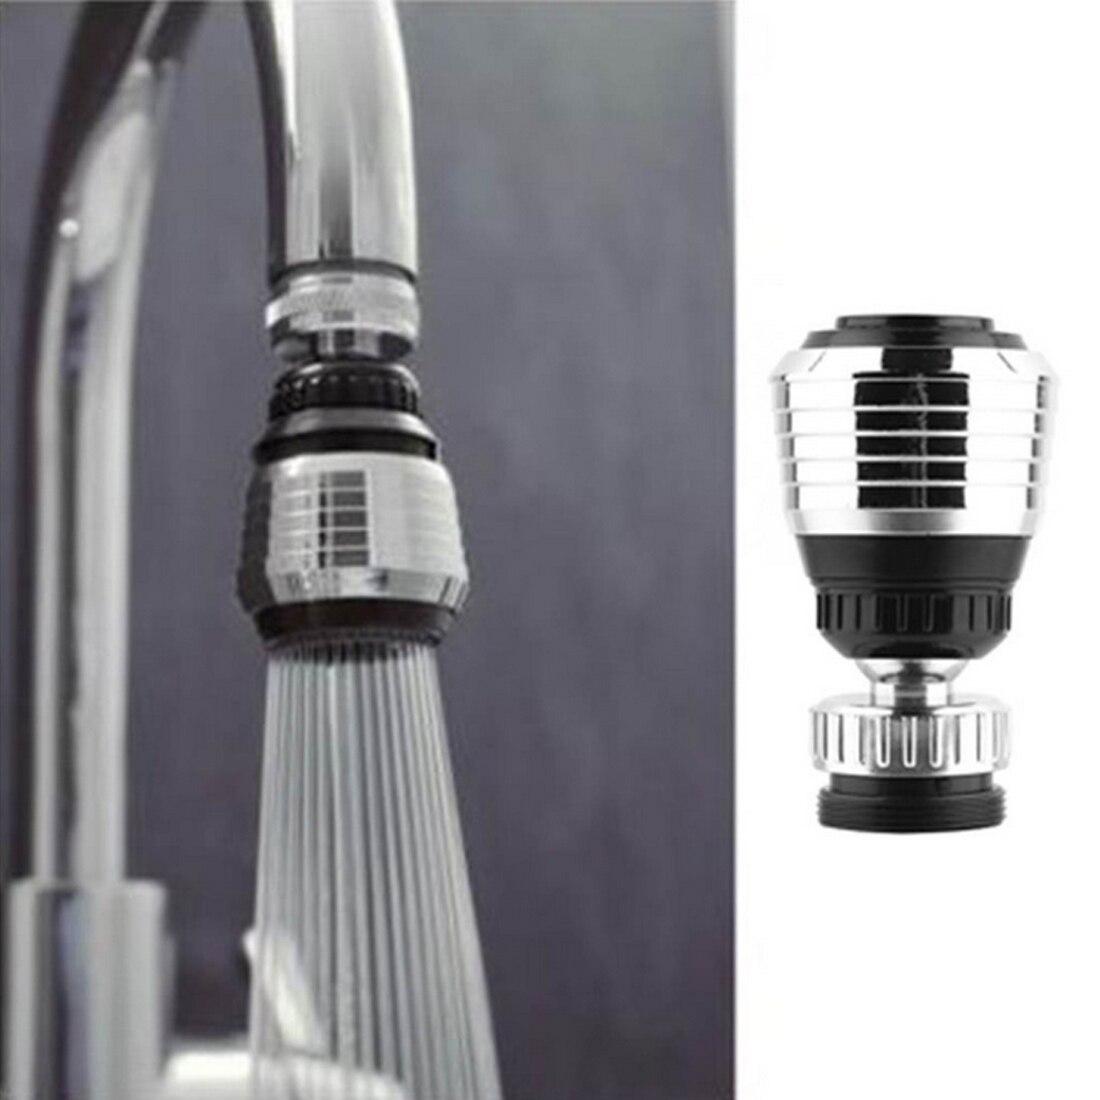 Faucet bubbler shower head filter bathroom accessories kitchen faucet water bubbler faucet aerator diffuser faucet filter nozzle все цены